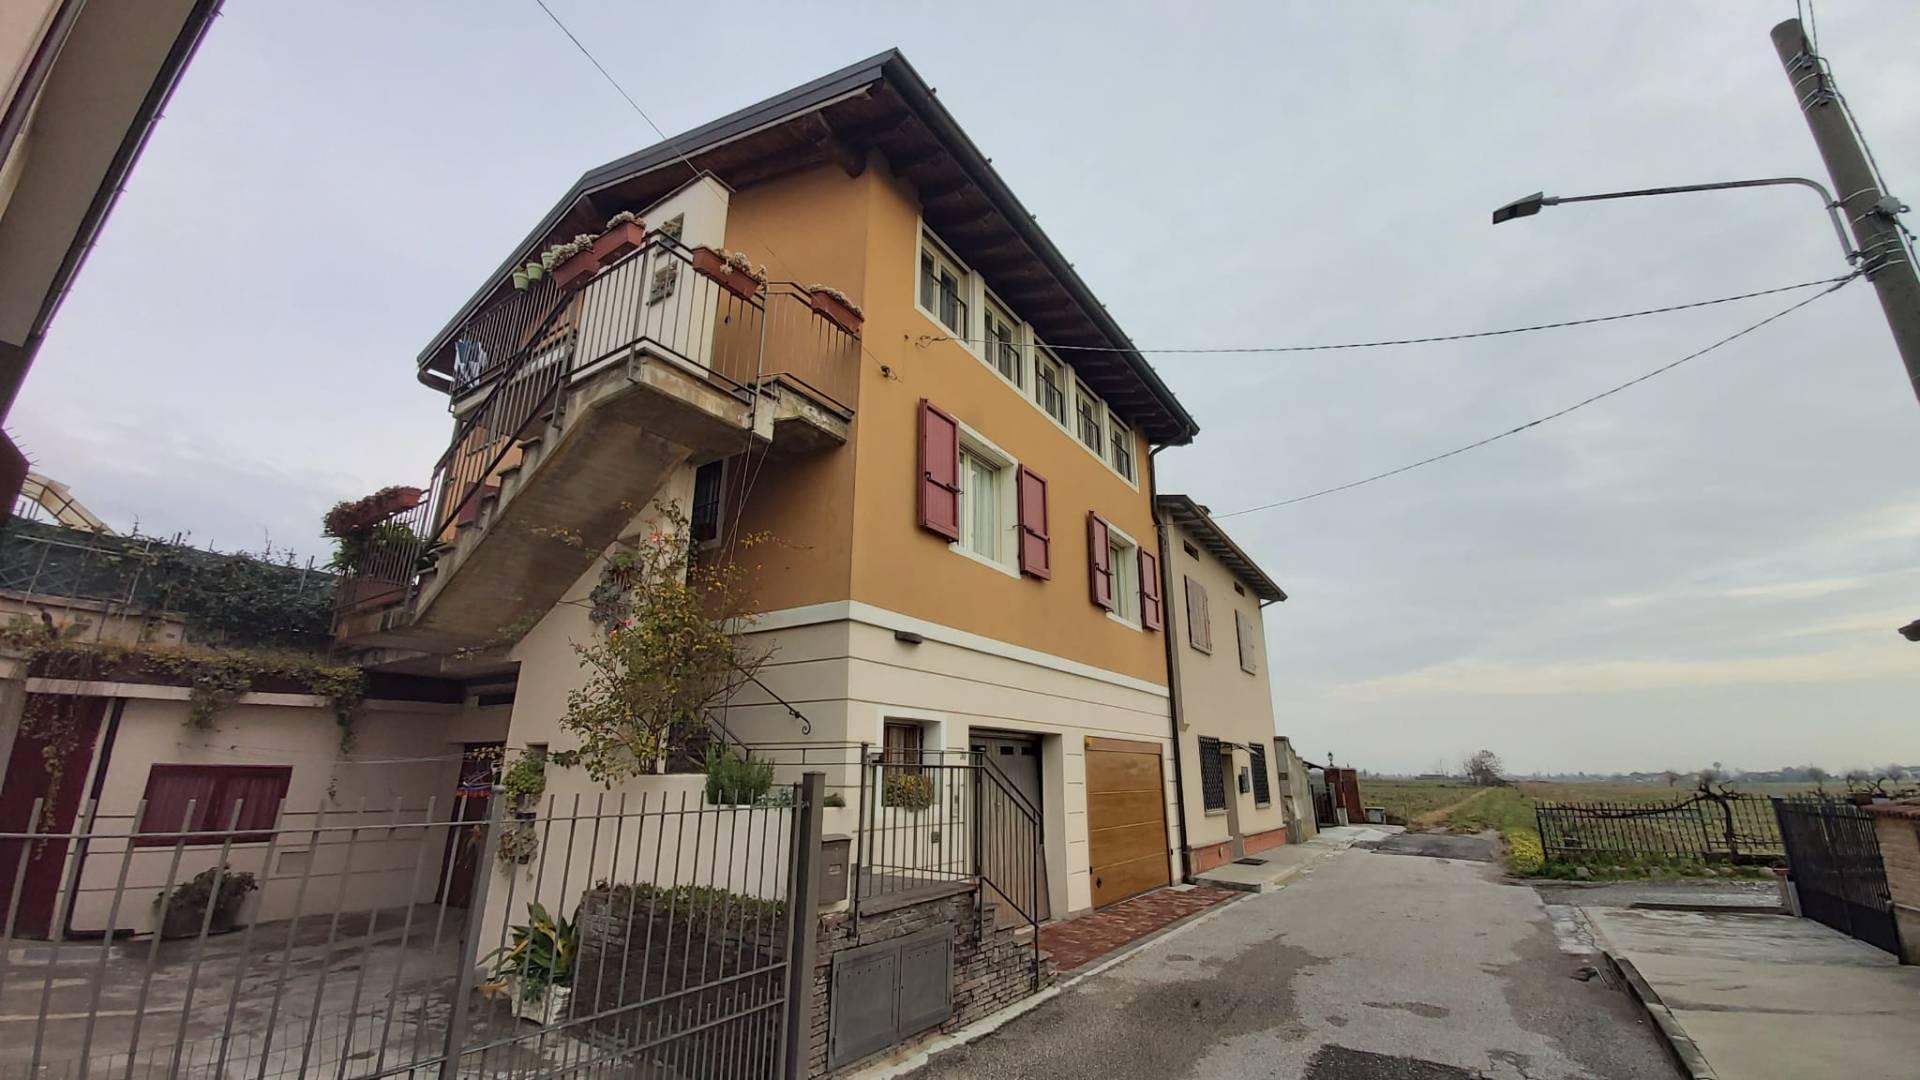 Appartamento in vendita a Ospitaletto, 3 locali, prezzo € 105.000 | CambioCasa.it